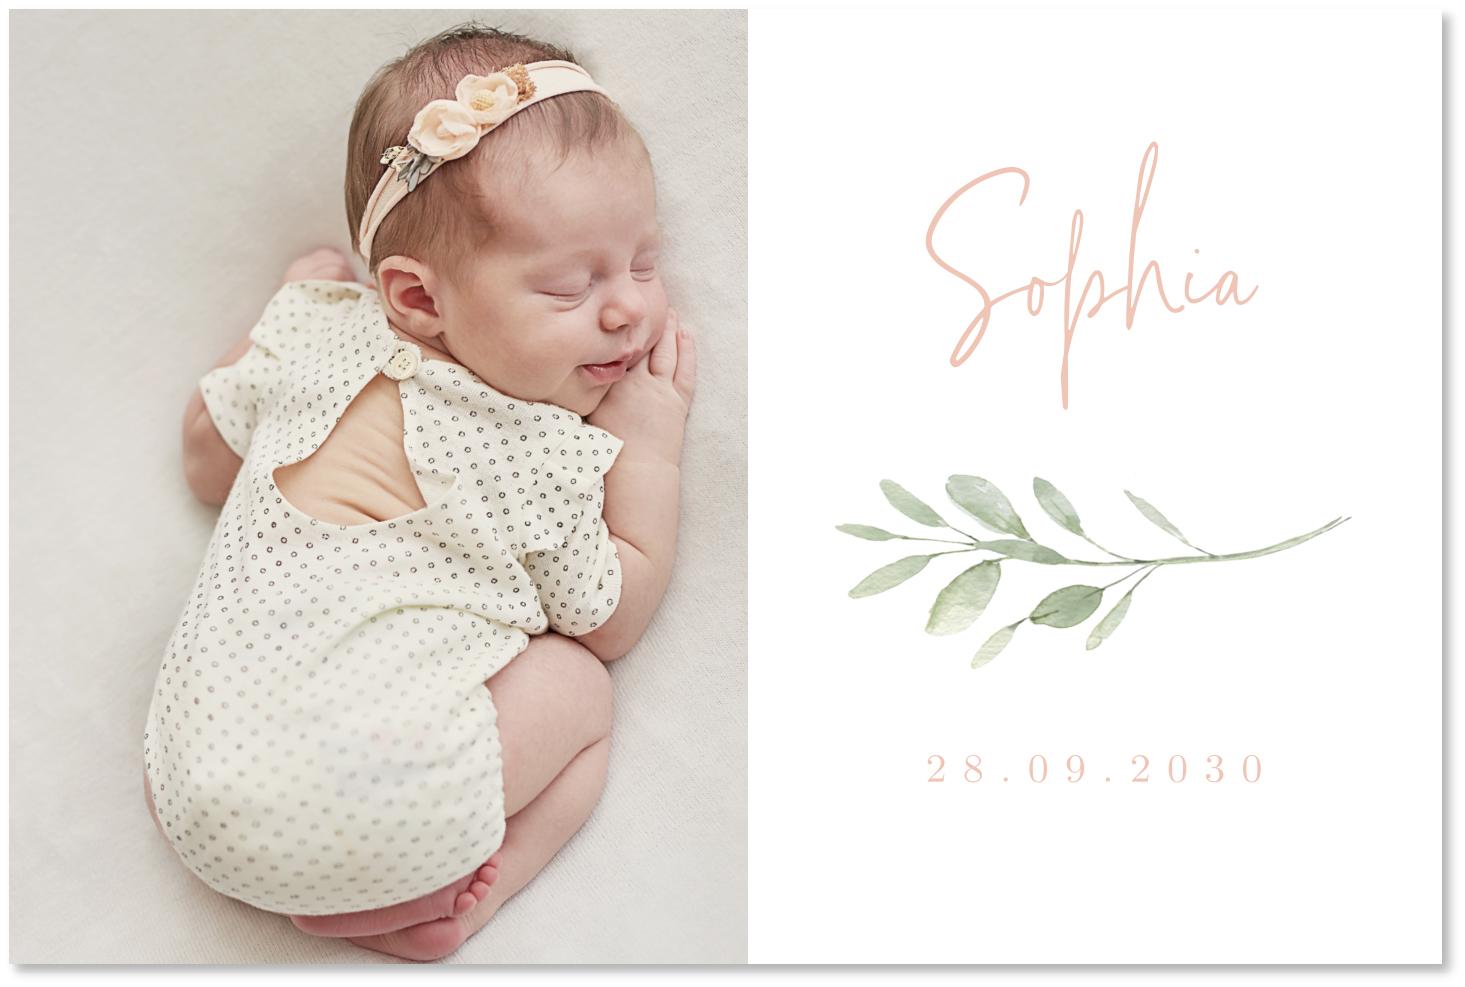 Clean geboortekaartje meisje foto